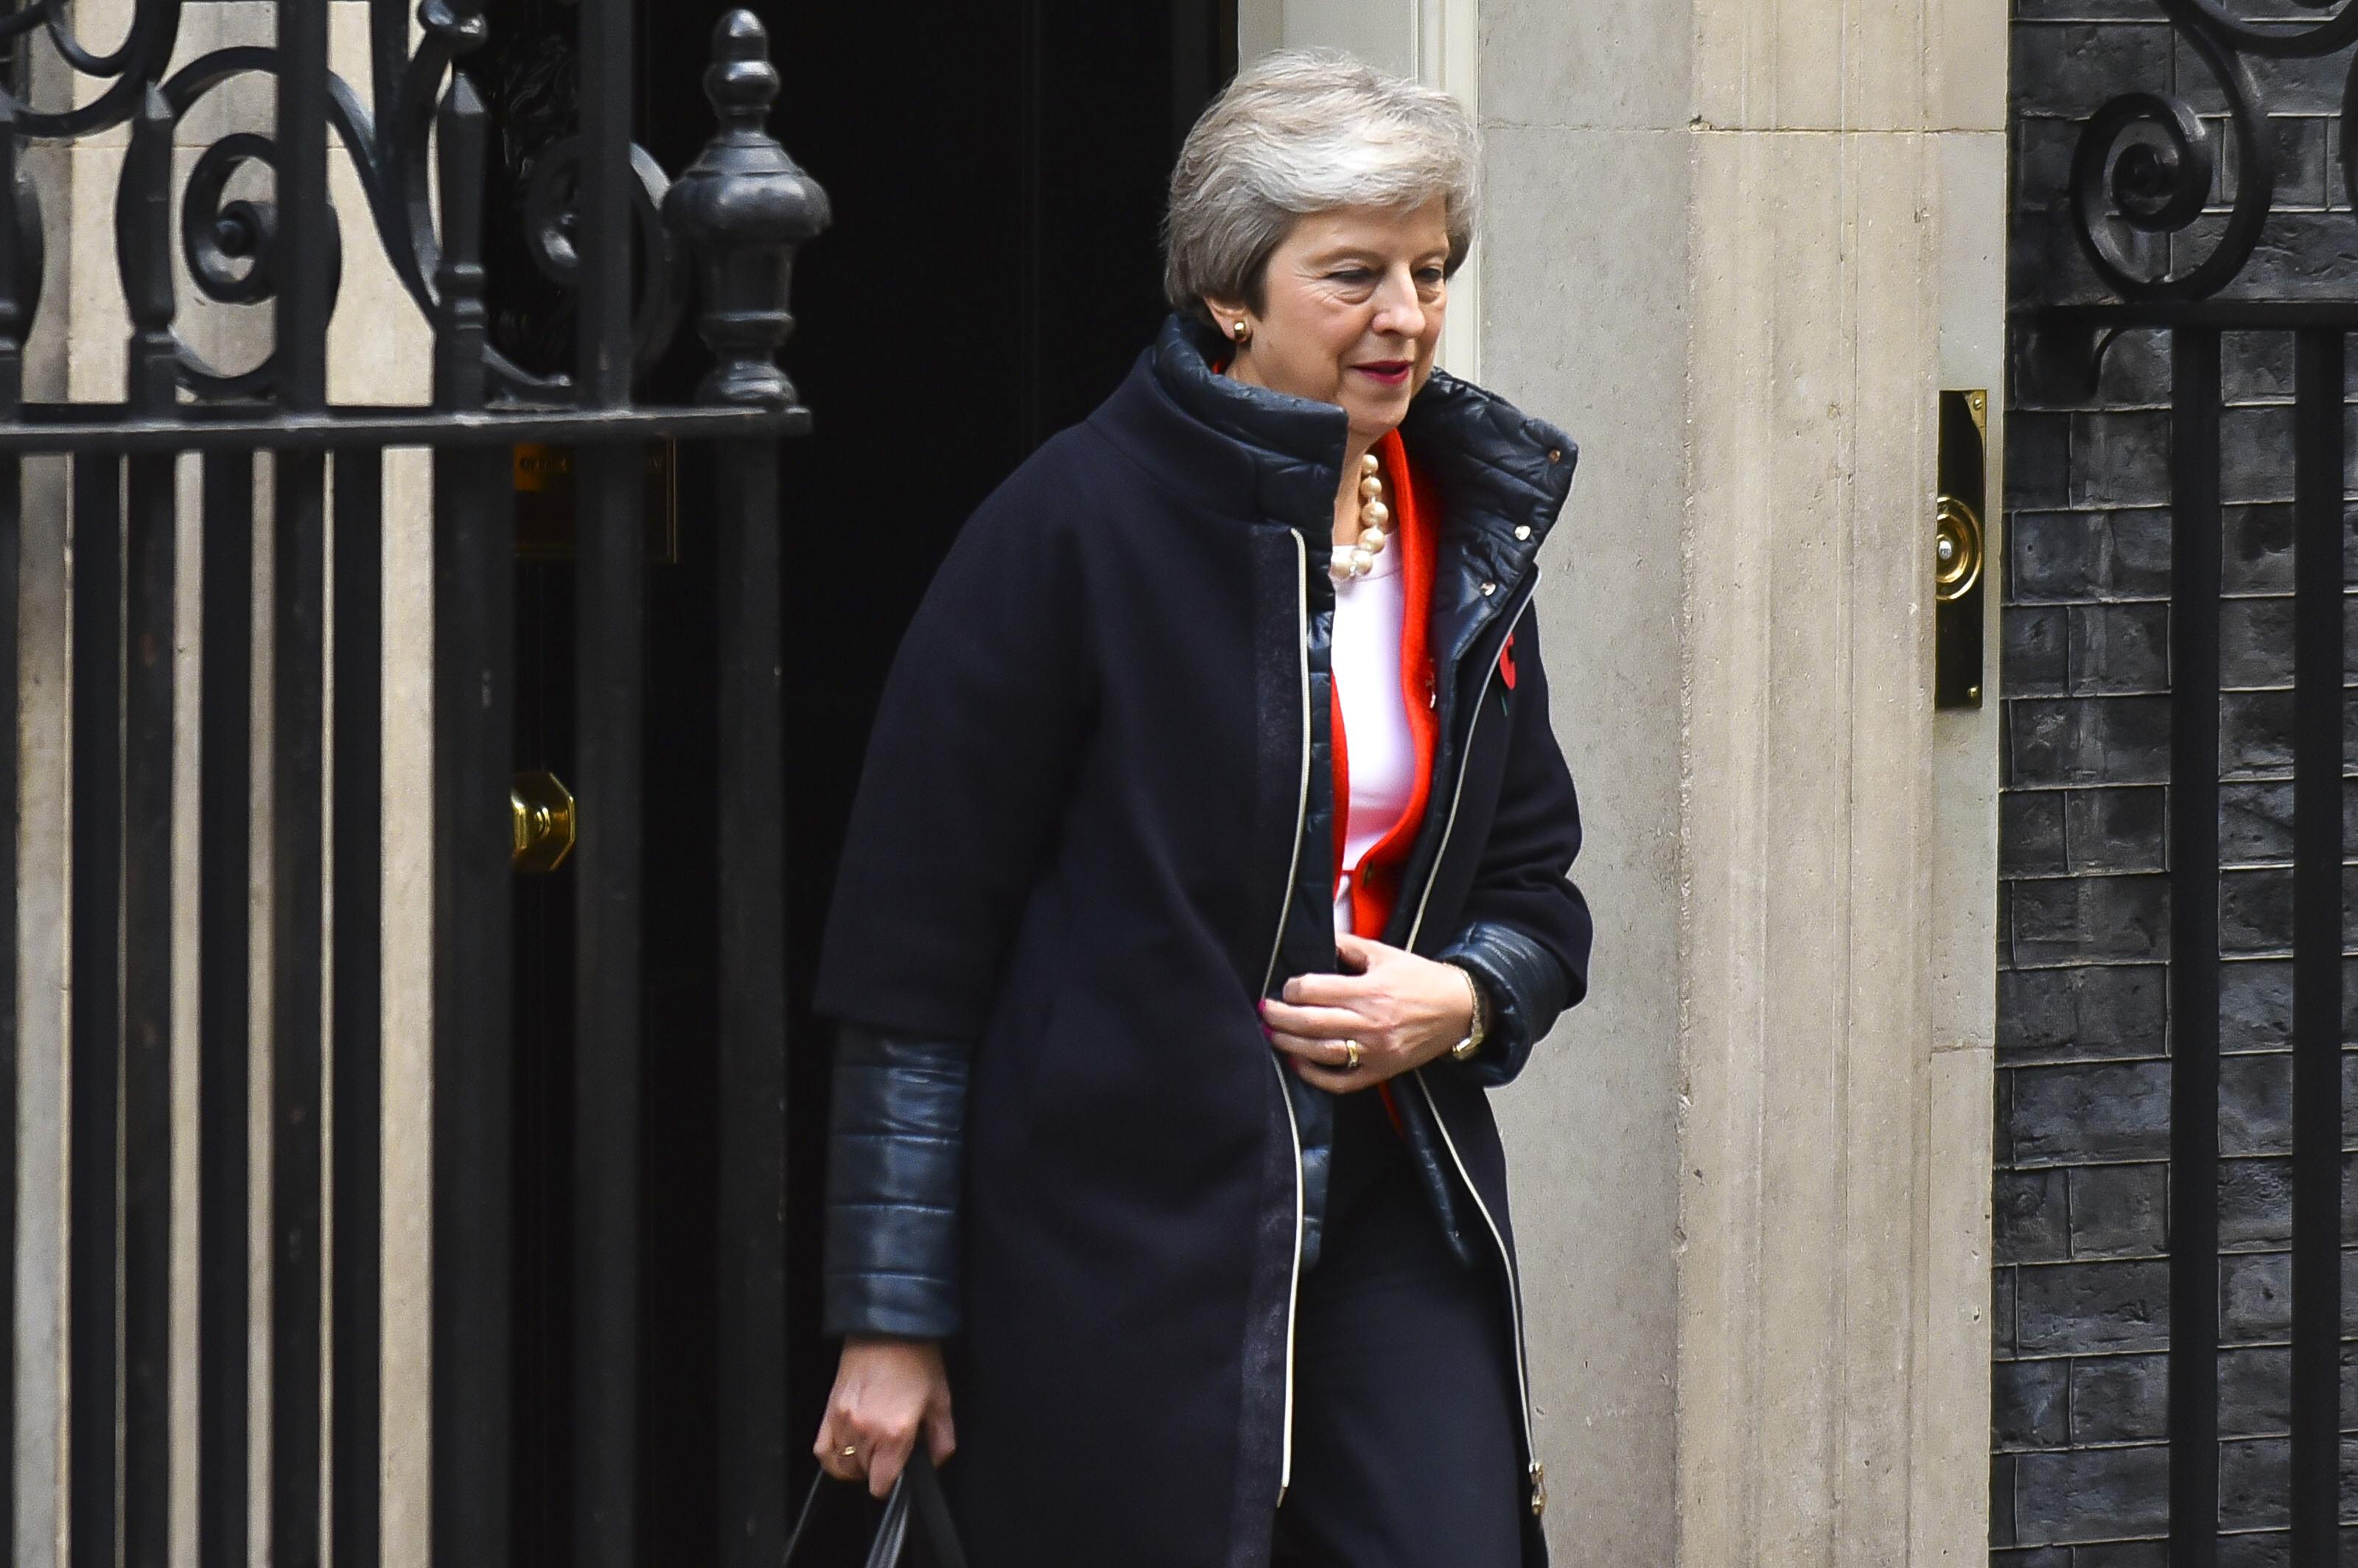 UK Prime Minister Theresa May. Credit: PA